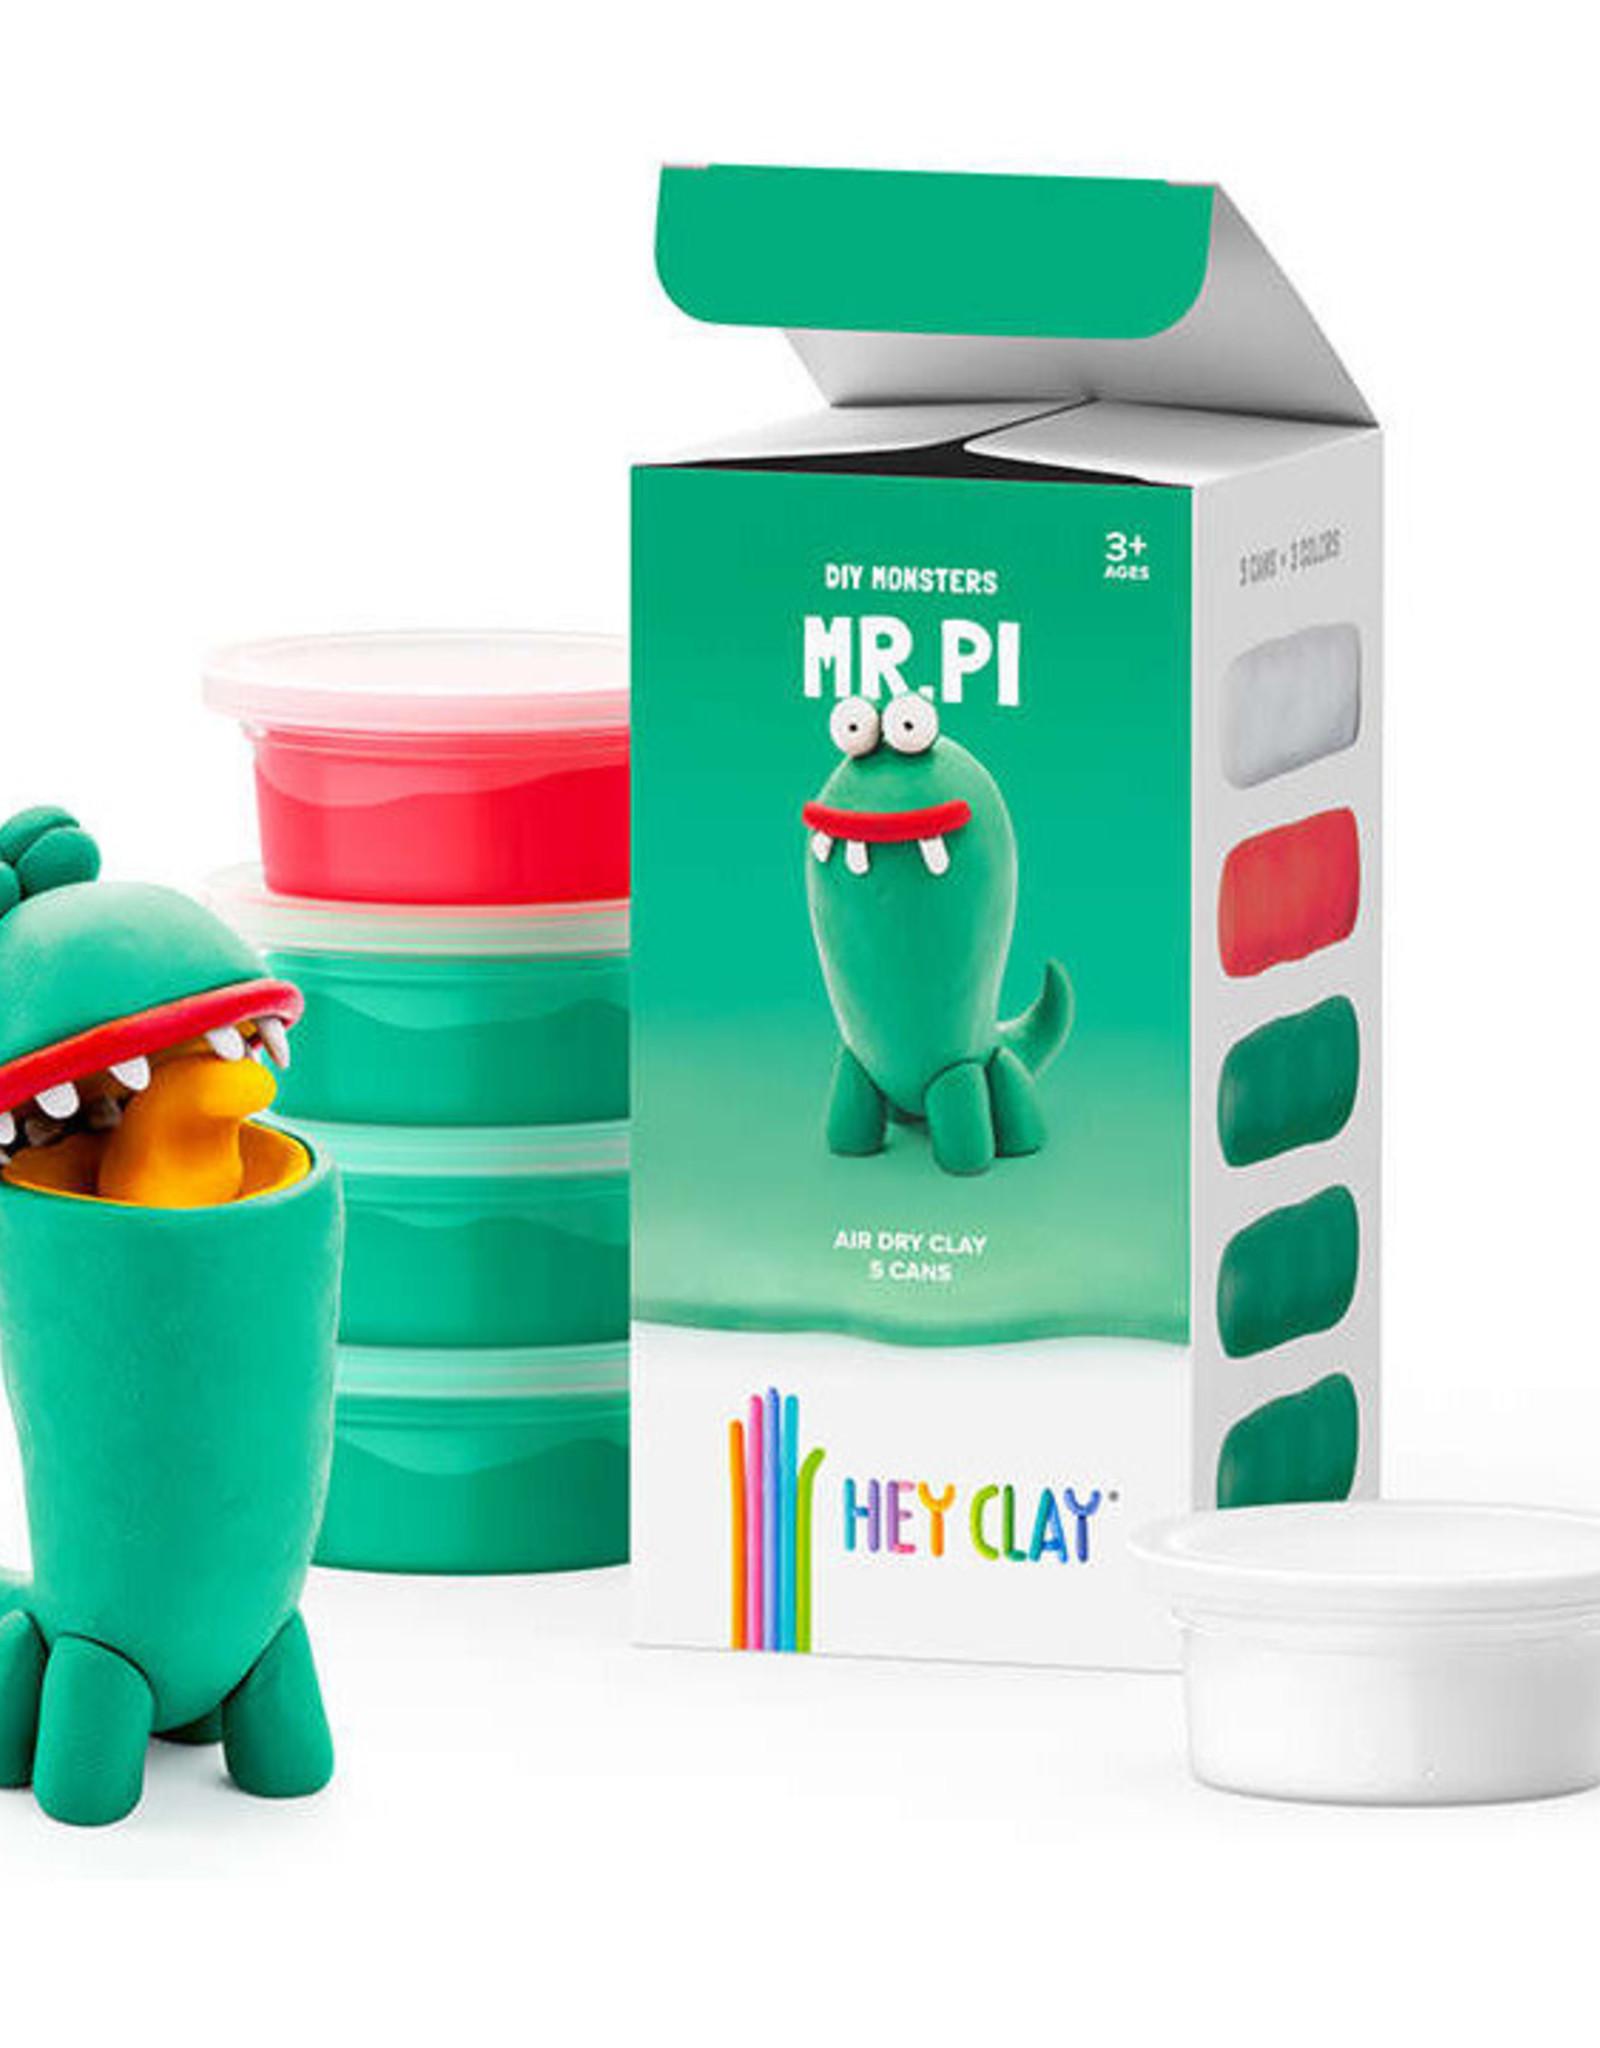 Hey Clay Hey Clay- Mr. Pi